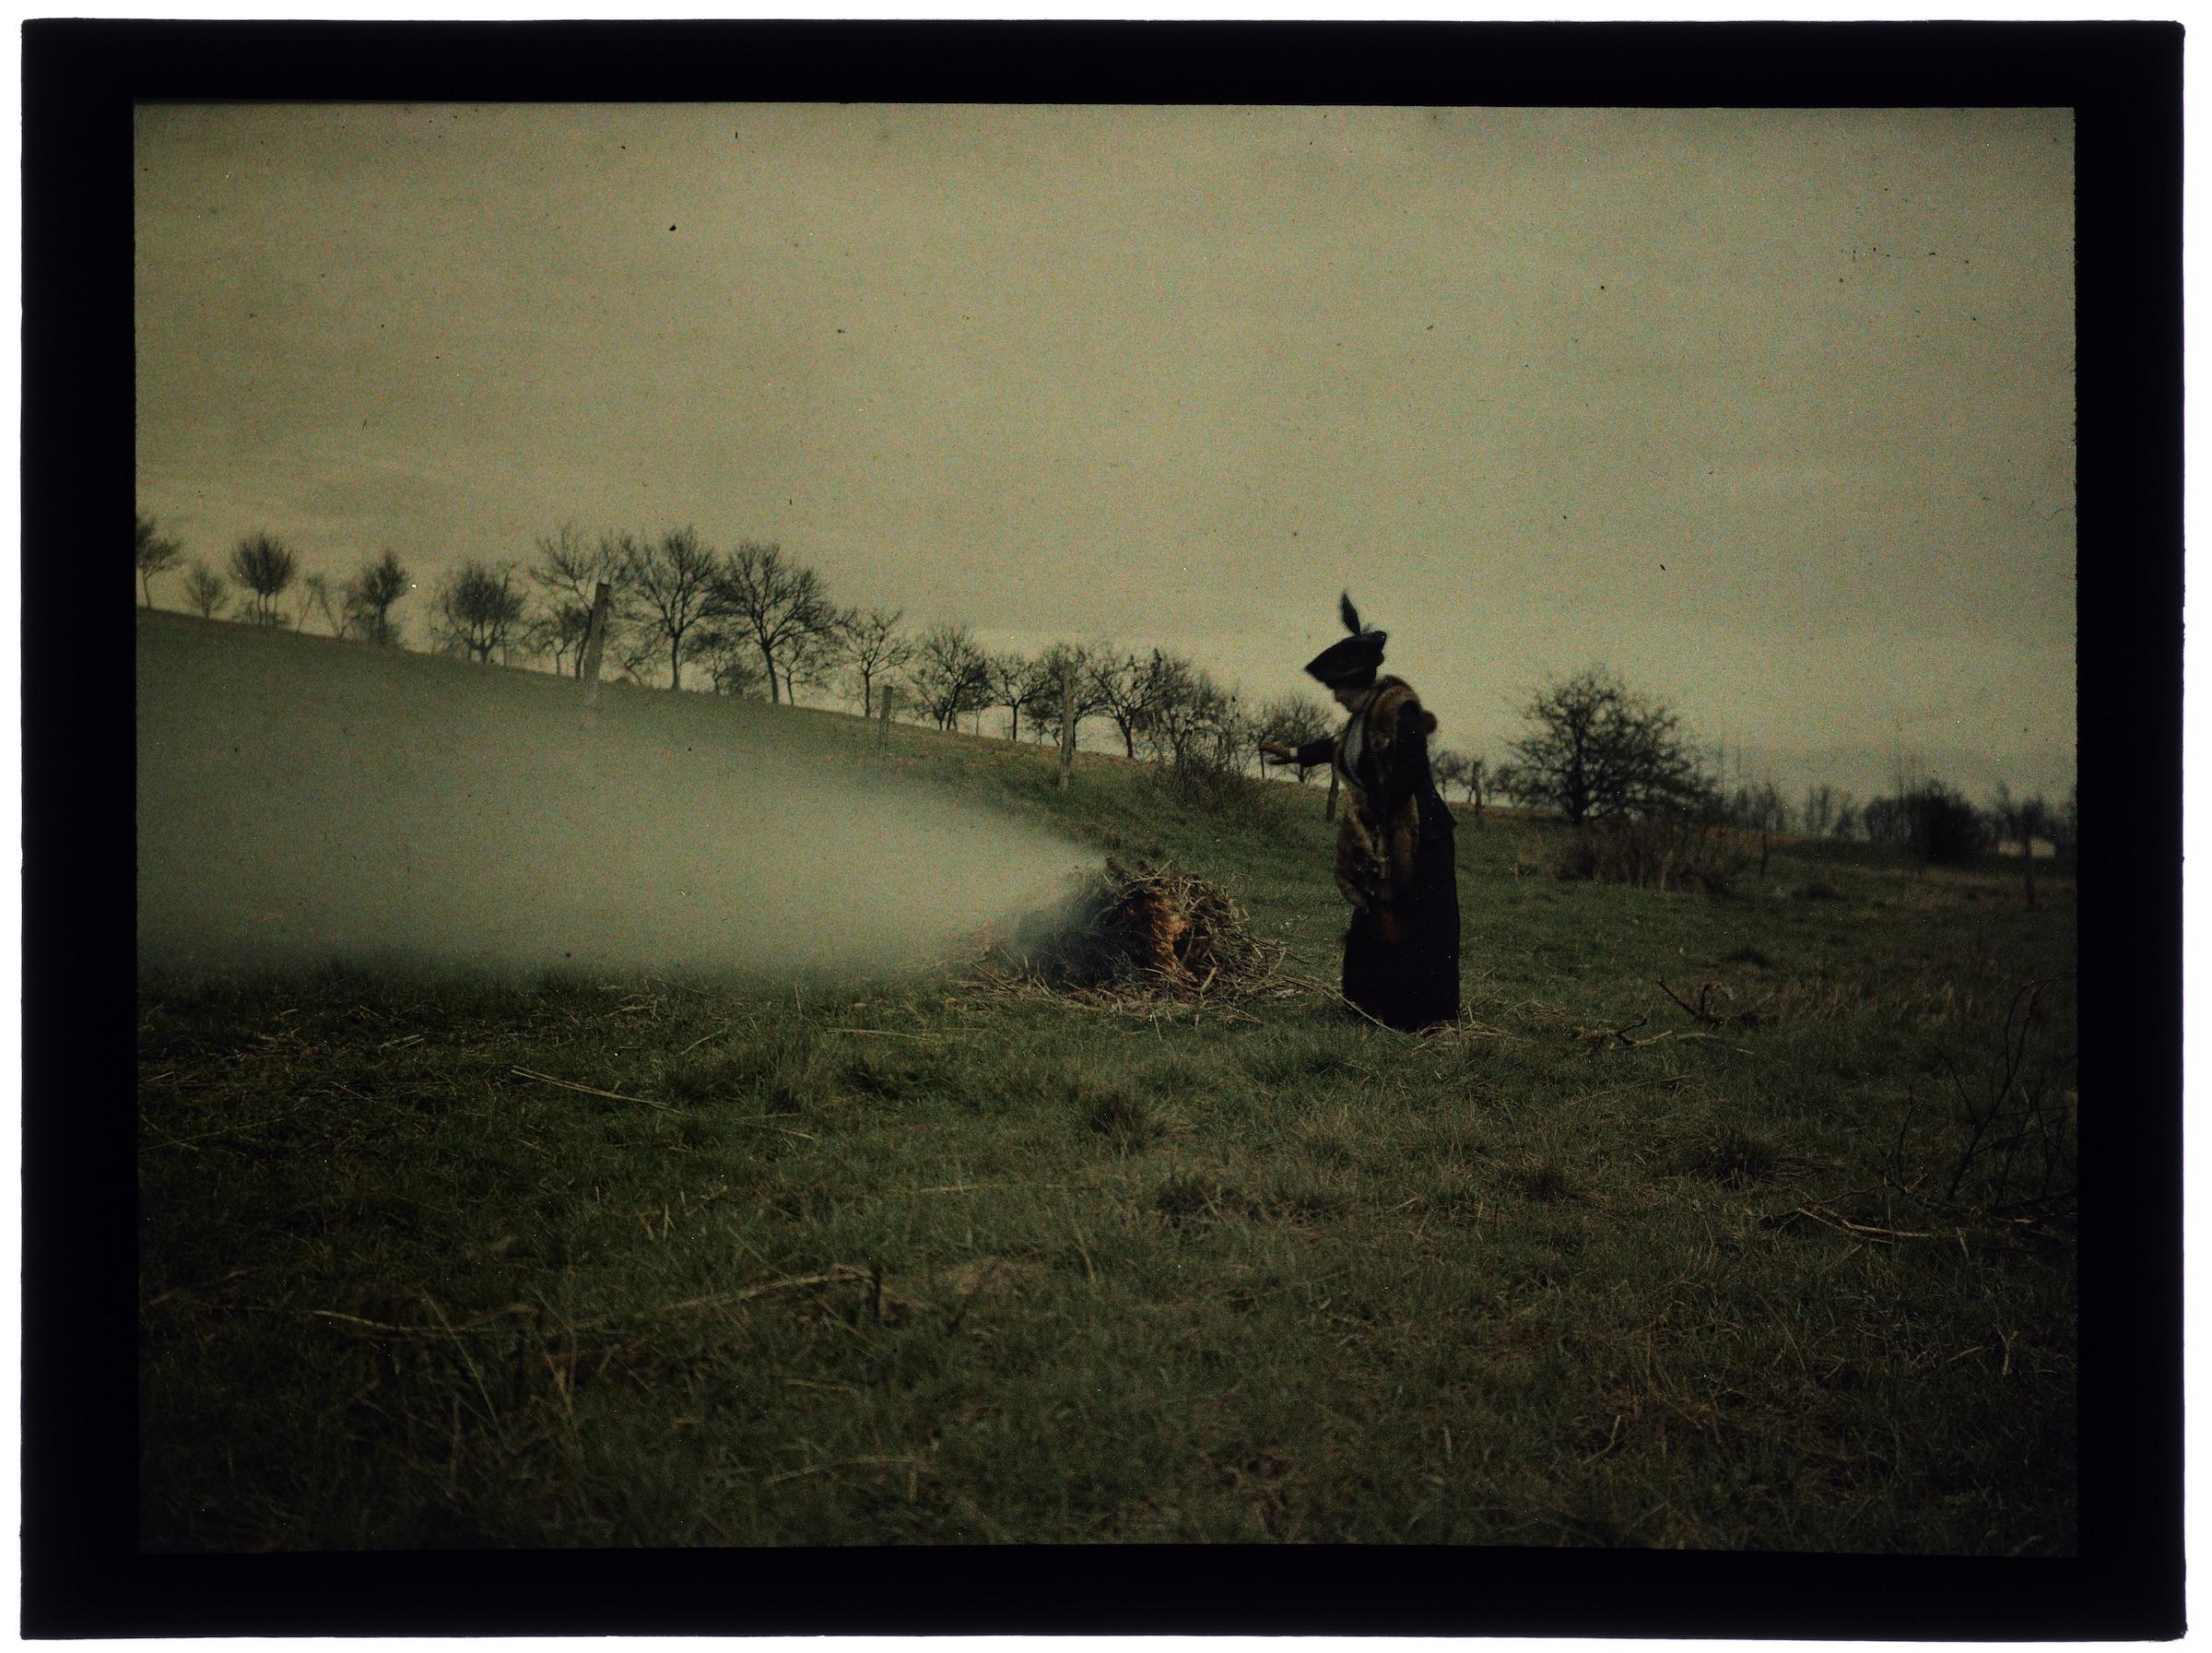 Femme dans la campagne et la forêt